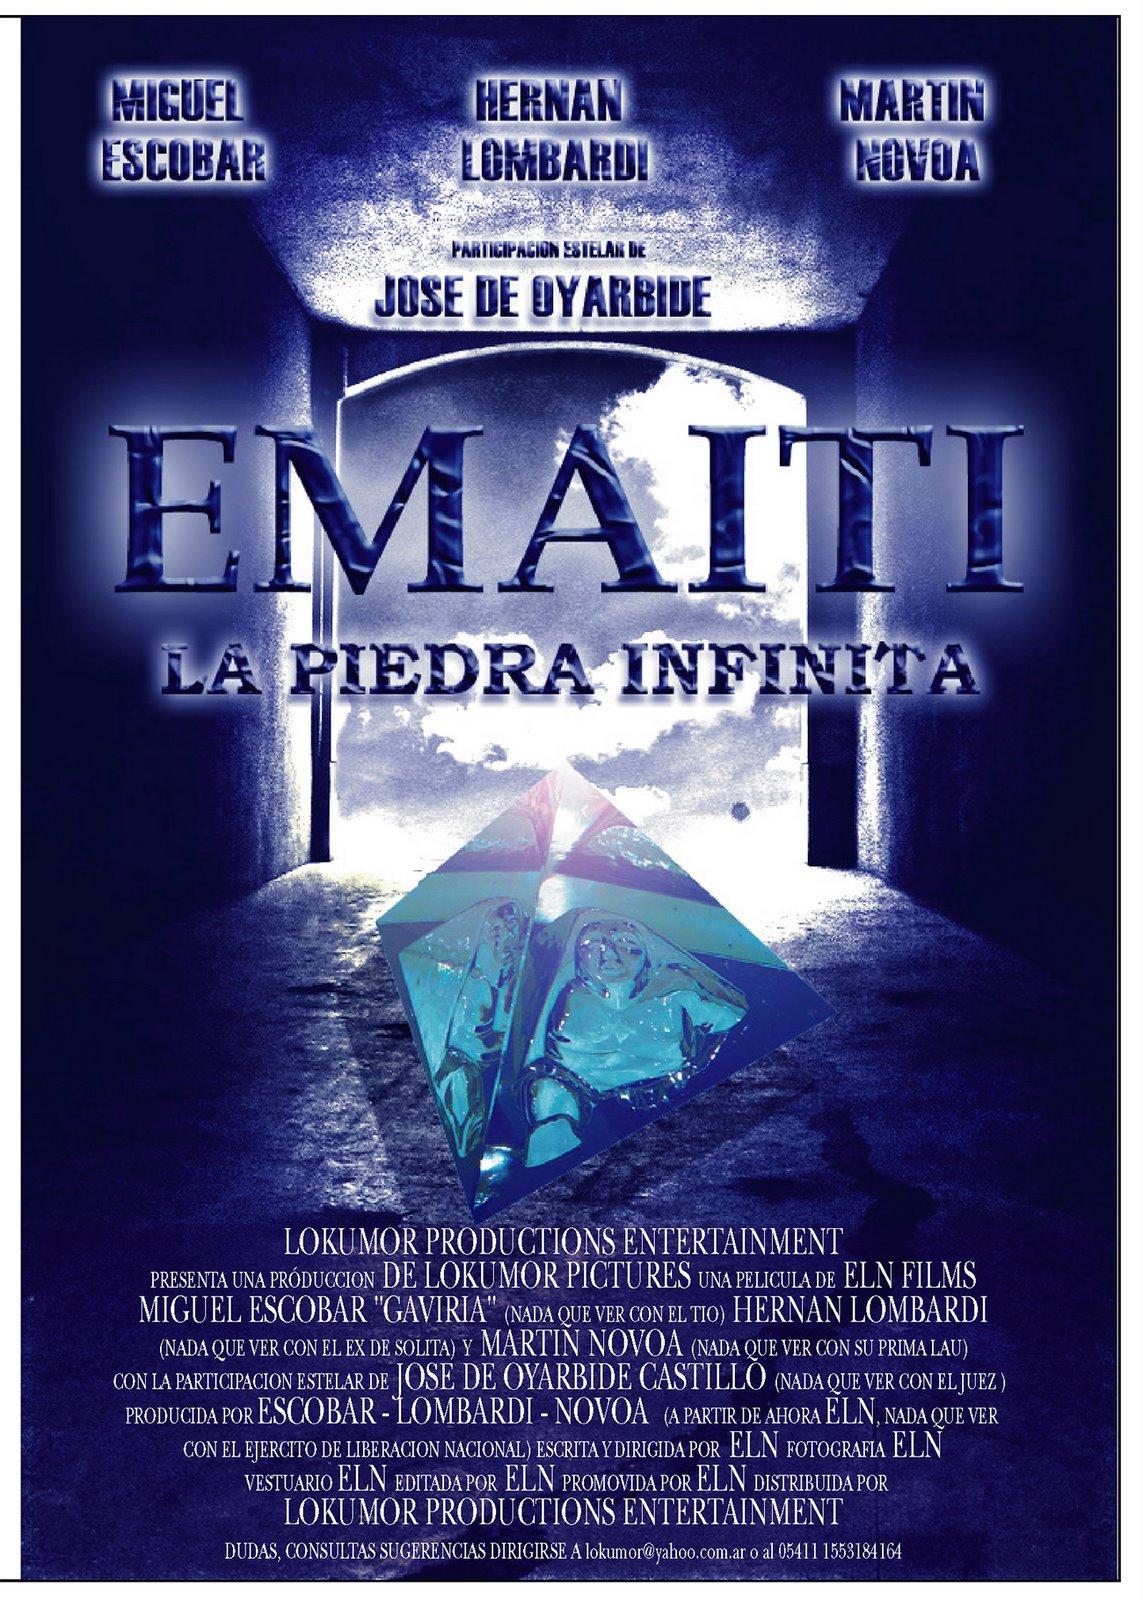 EMAITI, la piedra infinita